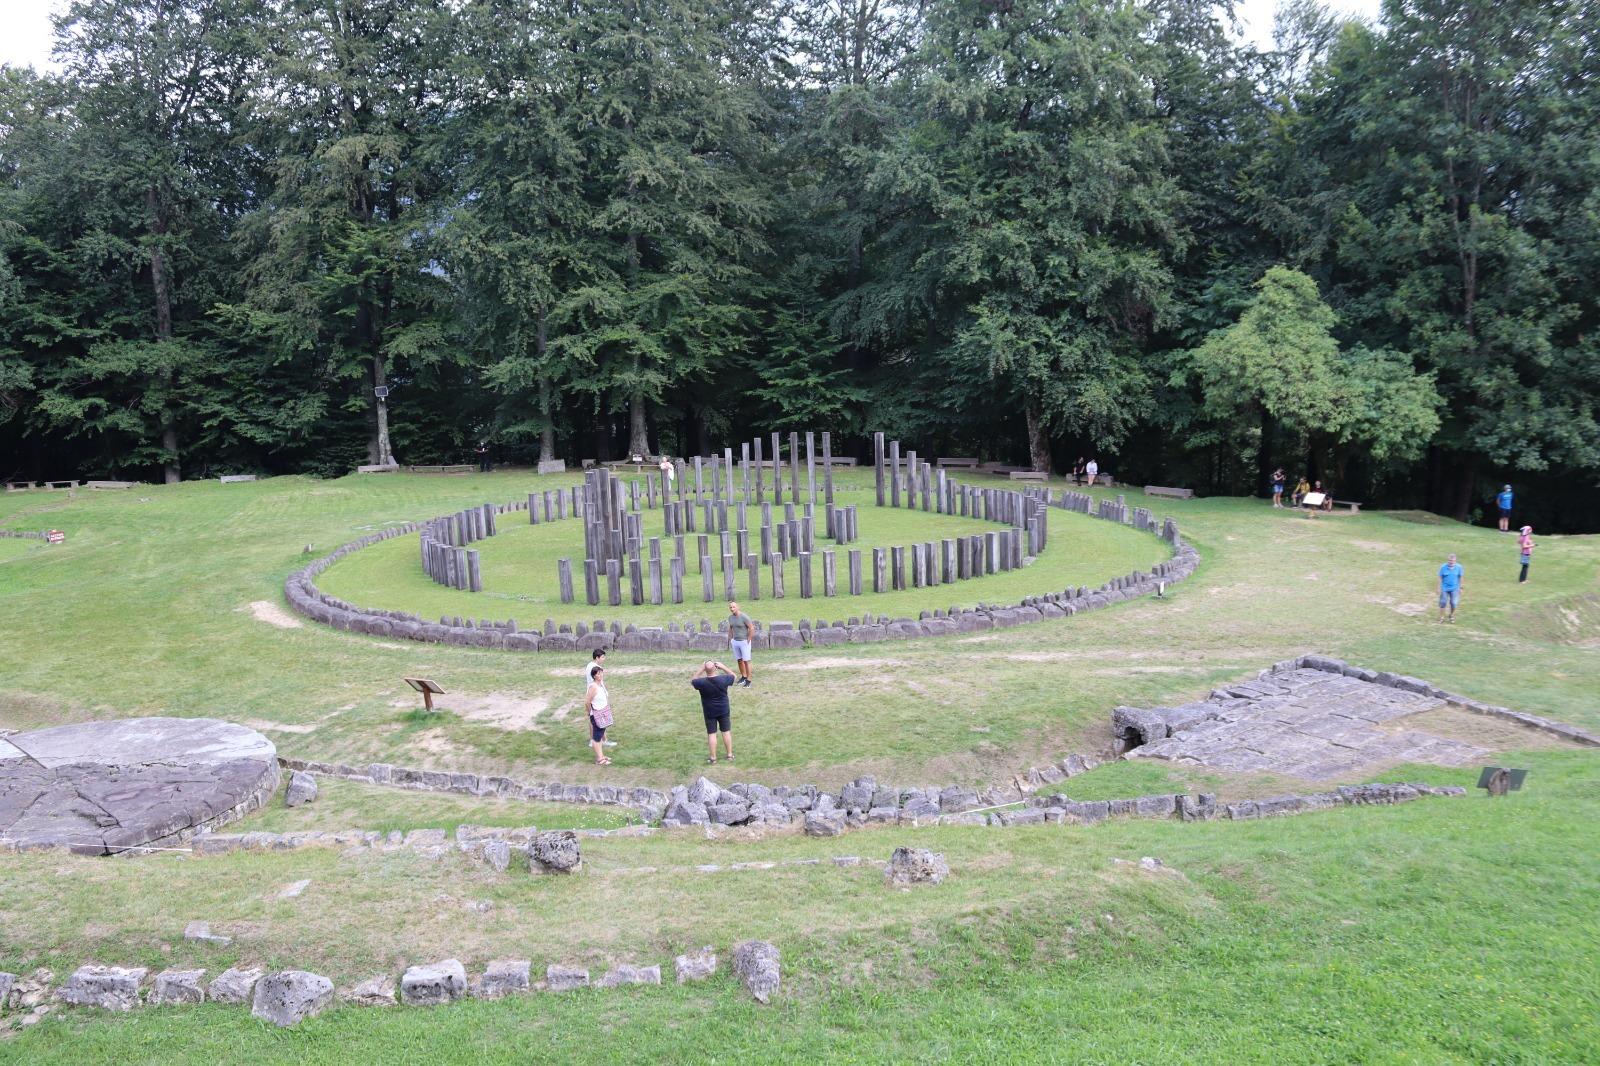 Proiectul de restaurare a Sarmizegetusa Regia ar putea începe în toamnă